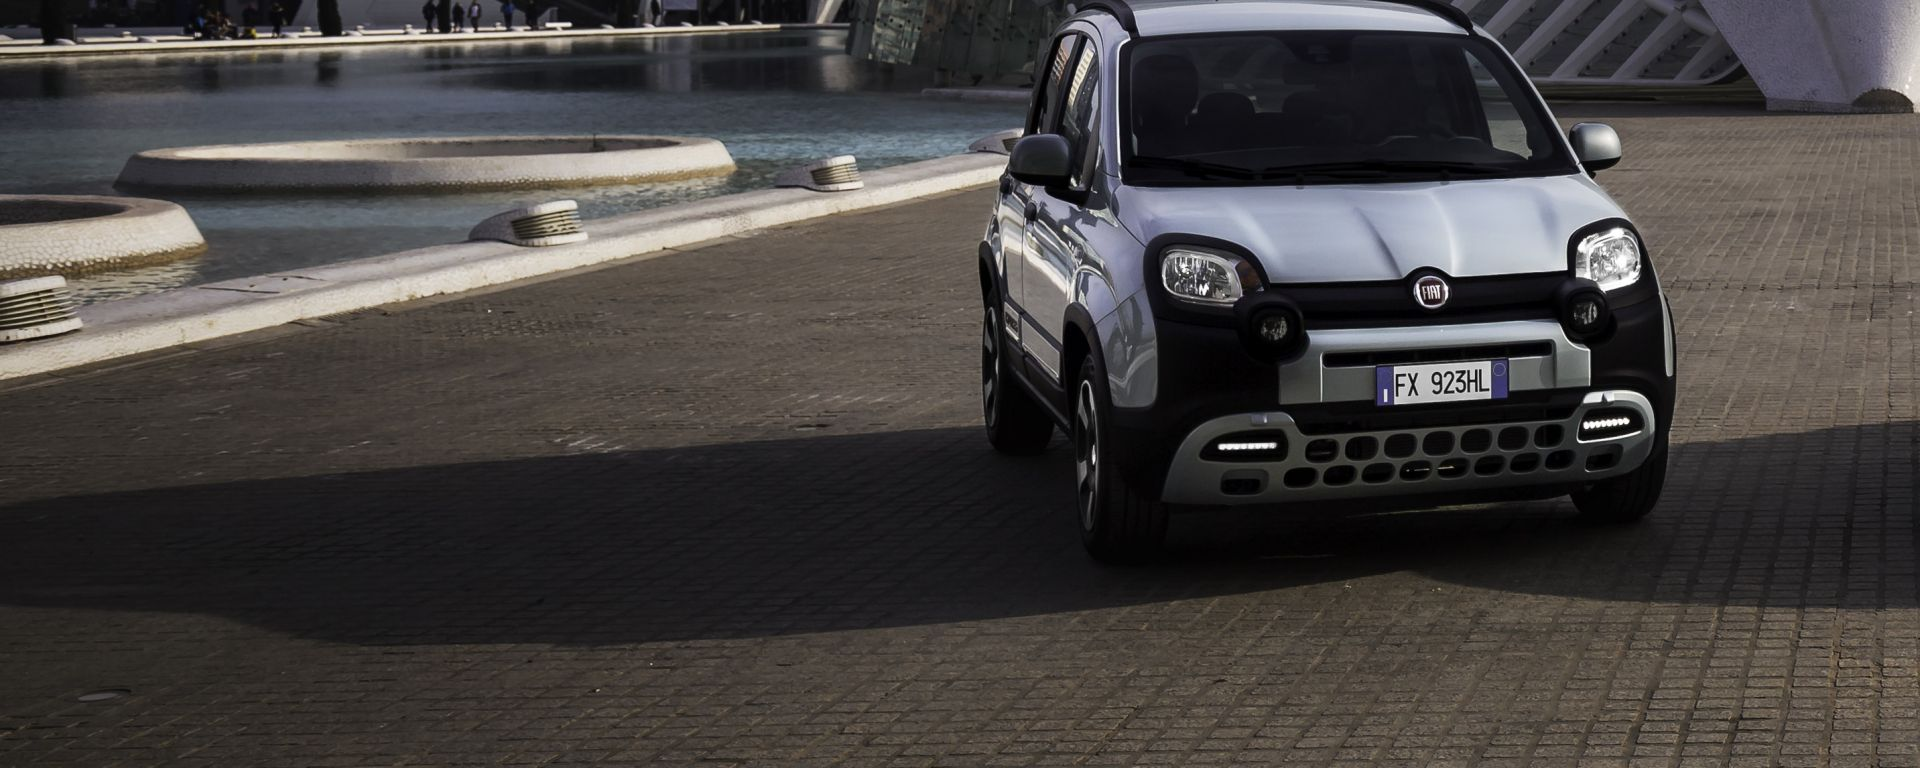 Fiat Panda, a settembre 2020 costa a partire da 6.500 euro